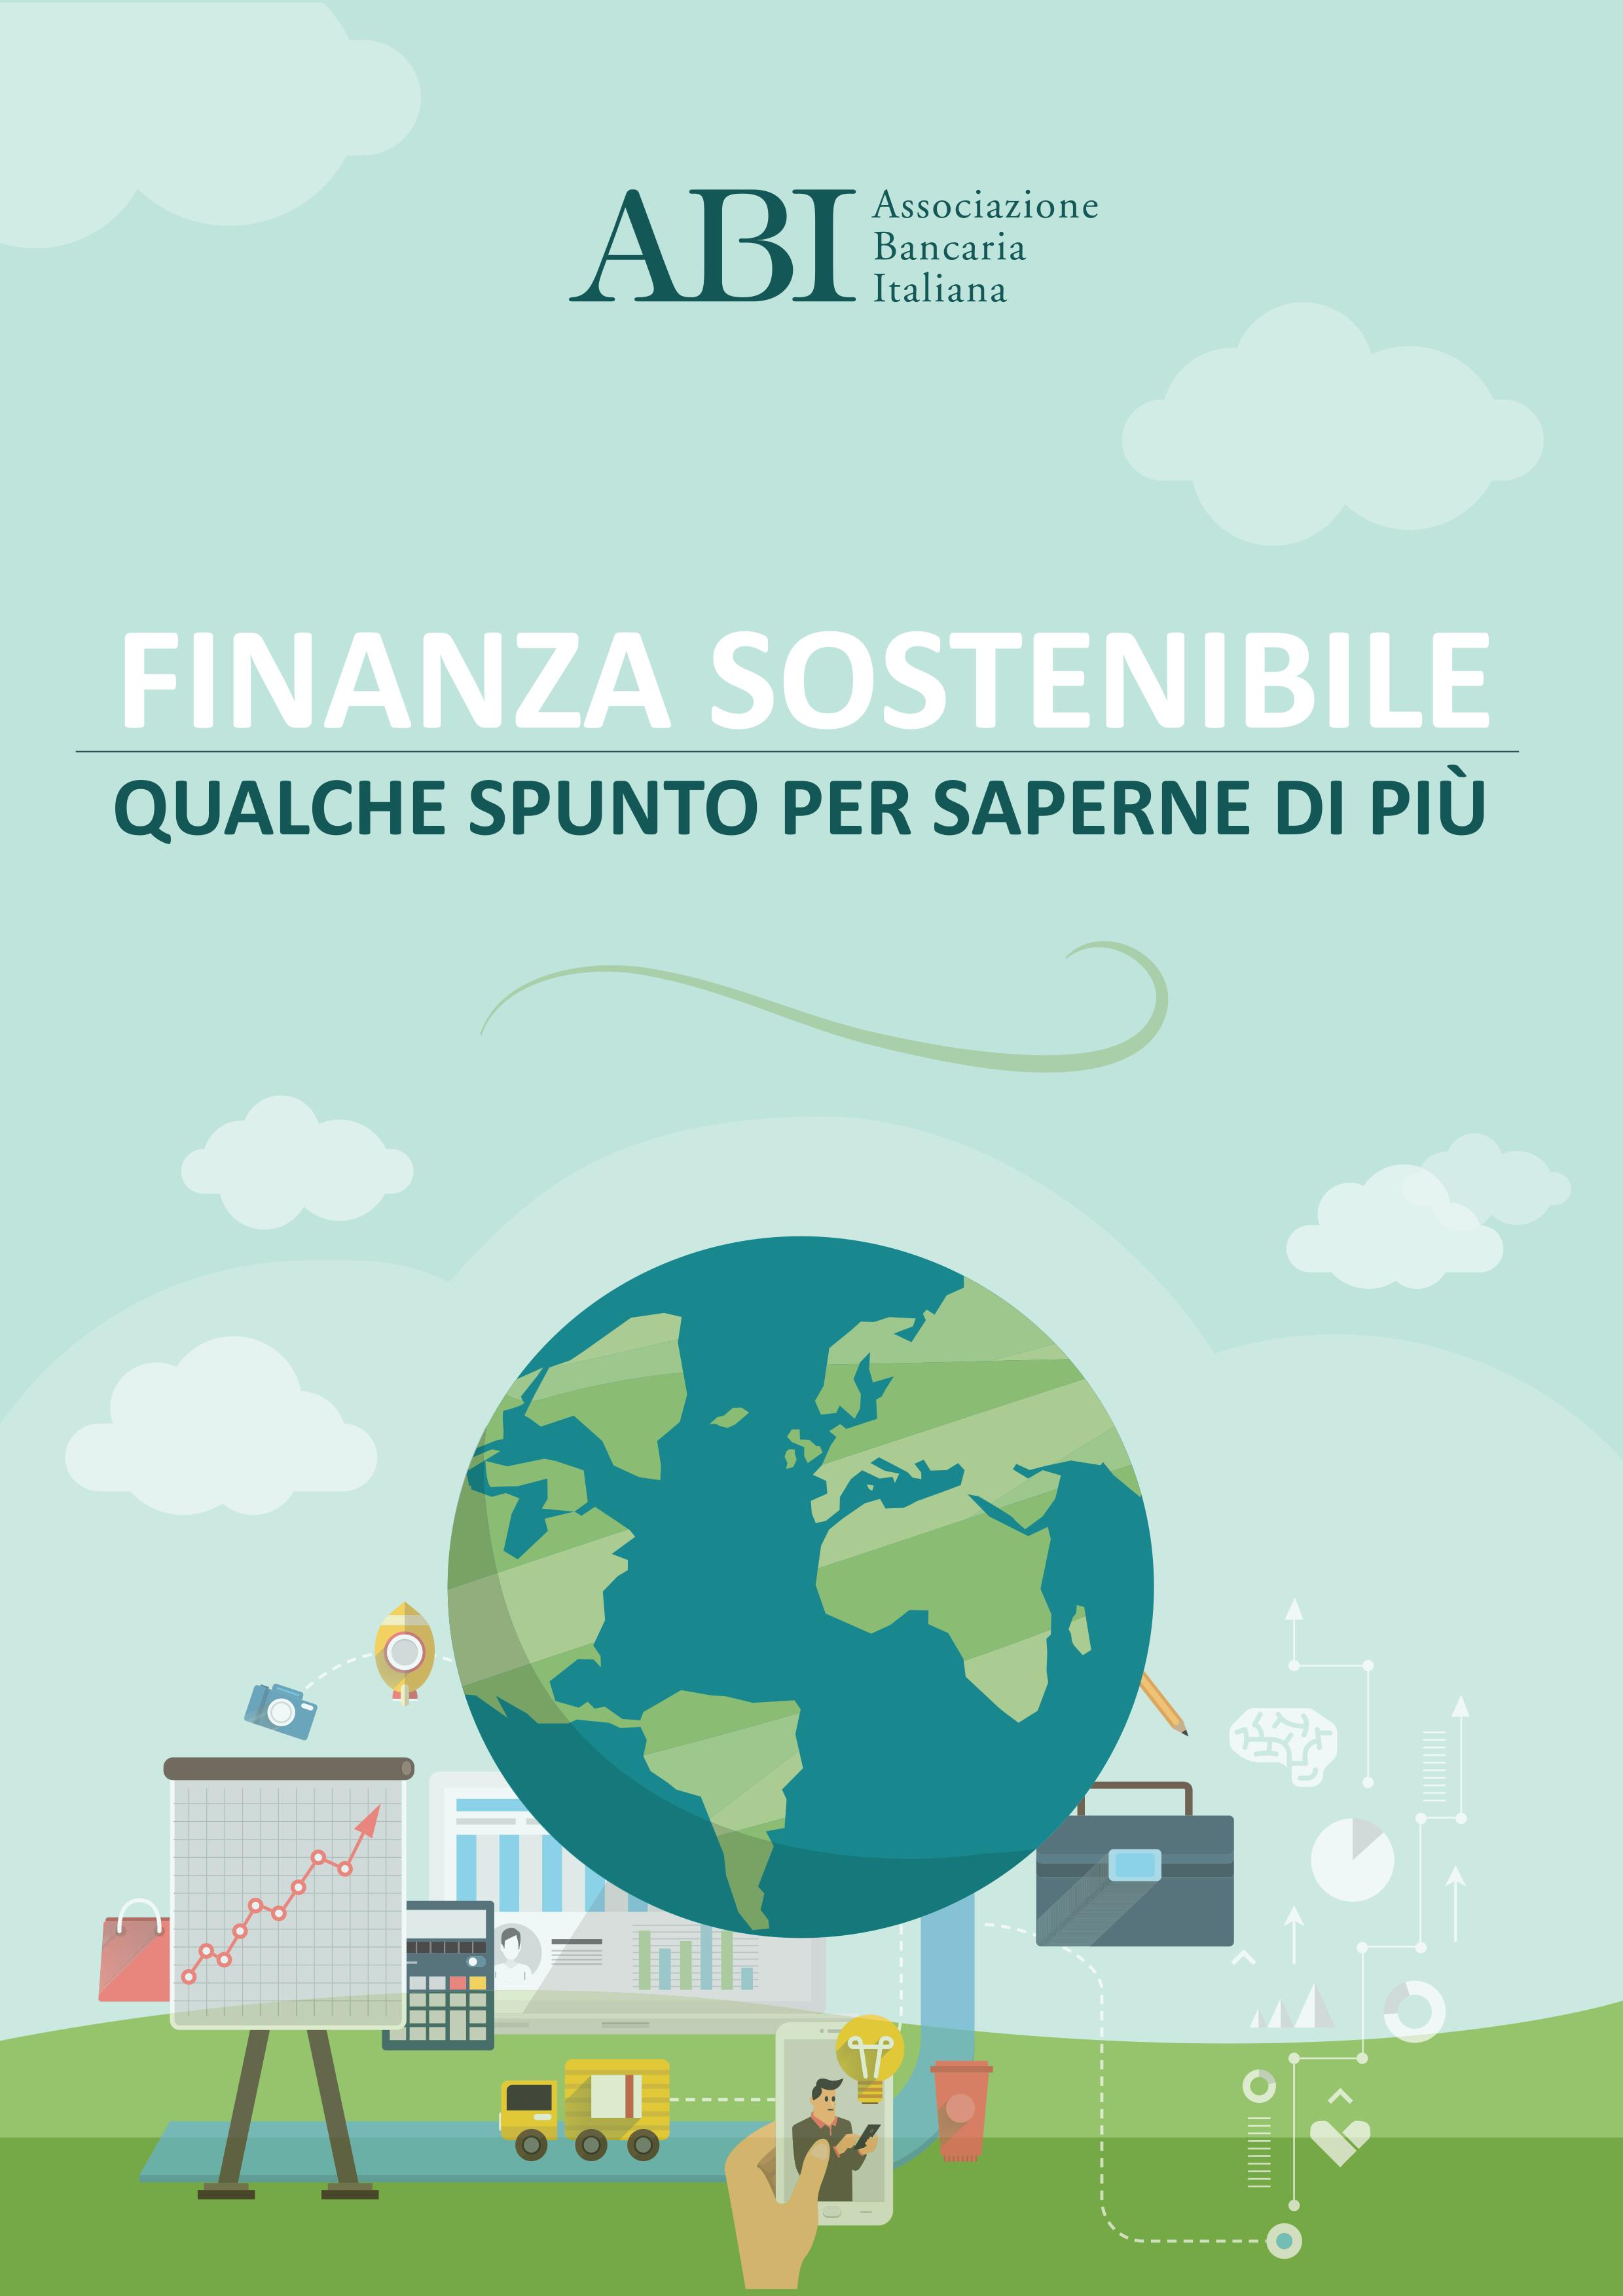 Guida ABI per finanza sostenibile